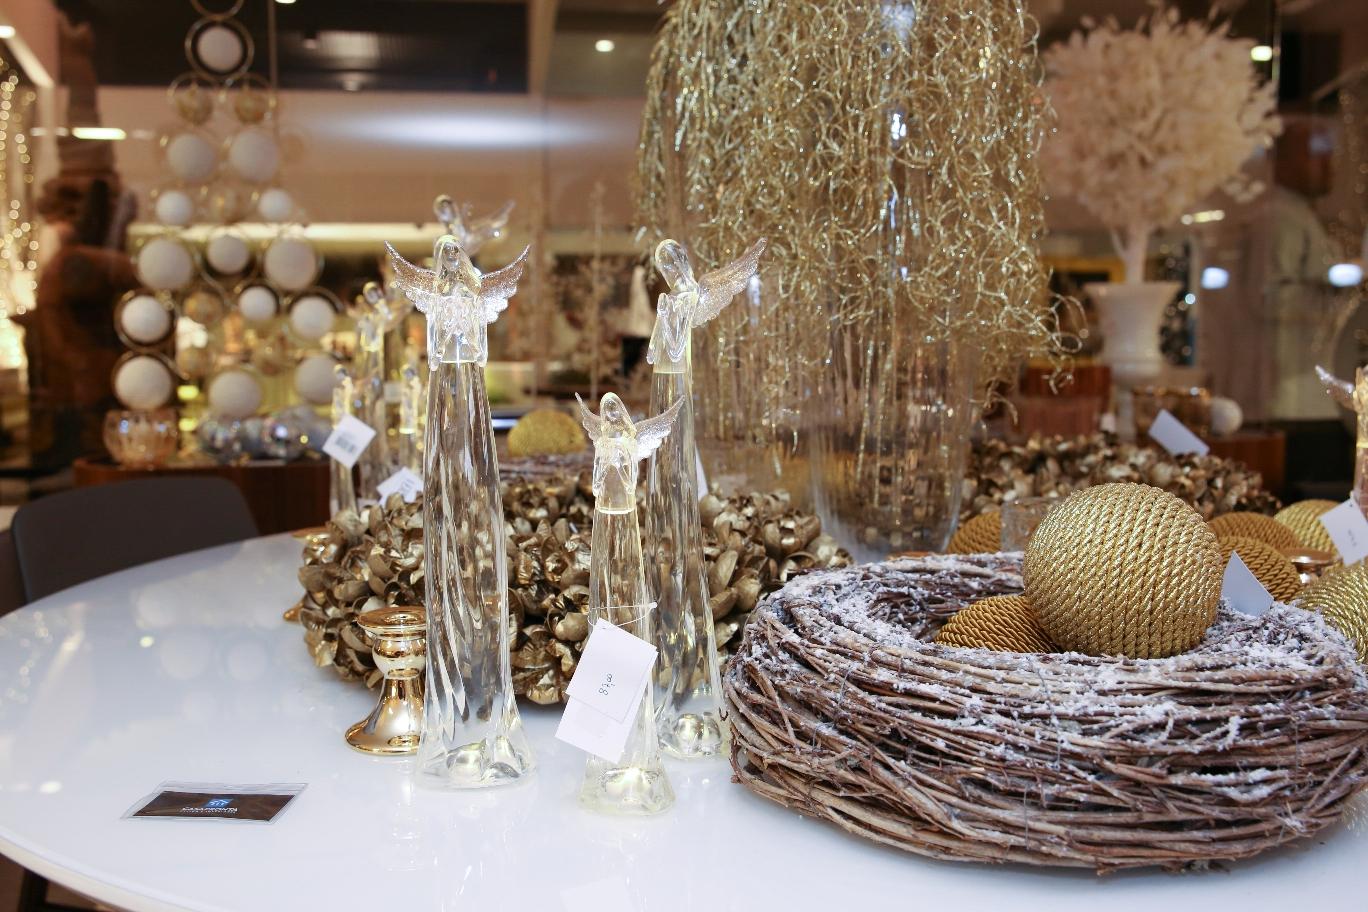 decoracao-para-festas-de-final-de-ano-feita-por-maria-odete-souto-na-casapronta-foto-andre-ribeiro-42